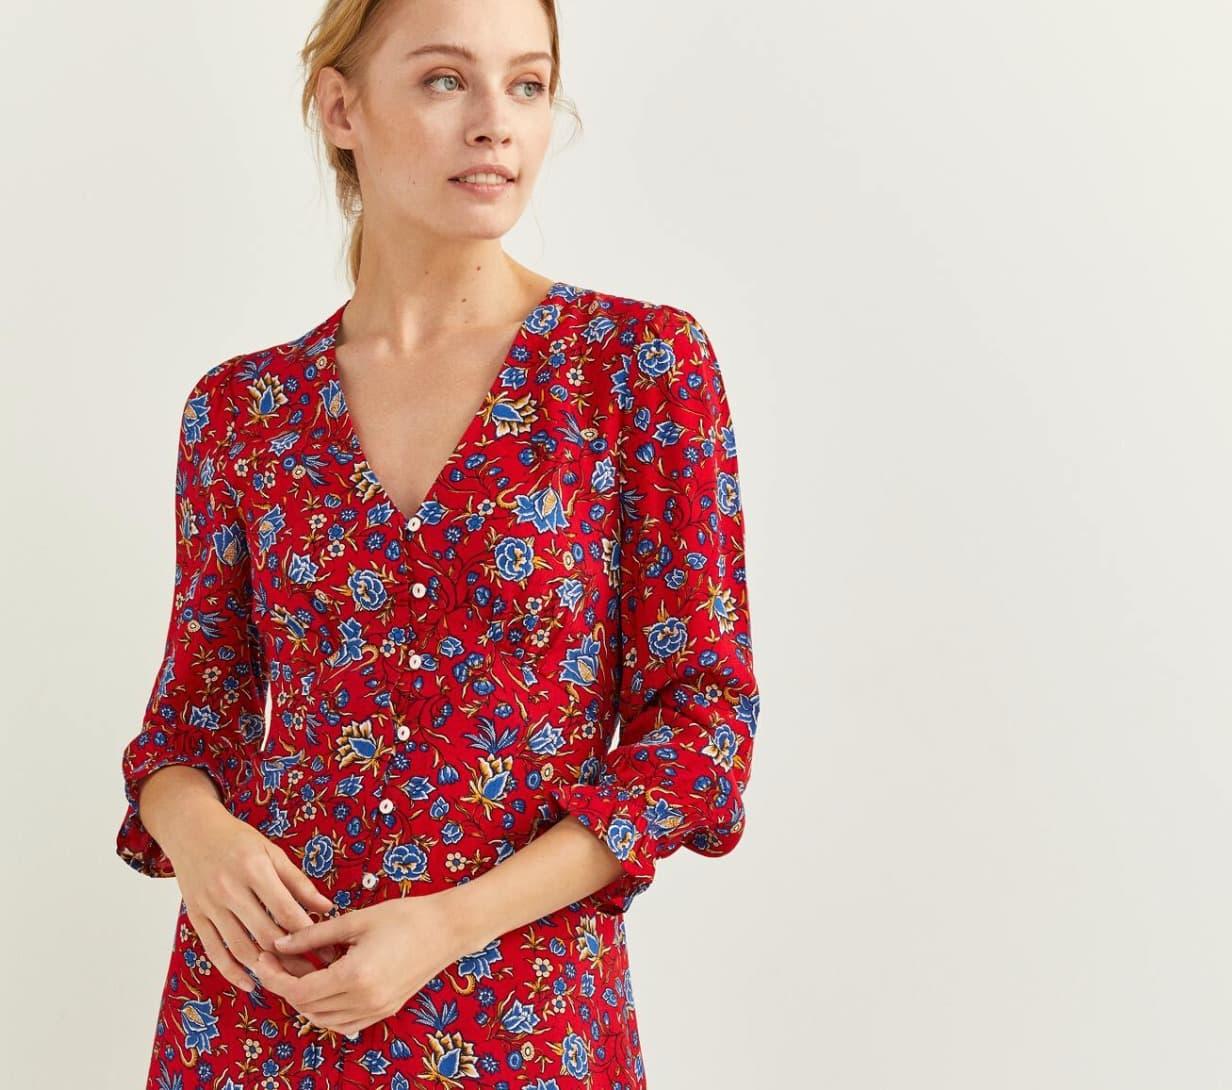 Vestido midi, de manga larga, con escote en uve, con detalle de botones en la parte delantera y estampado.